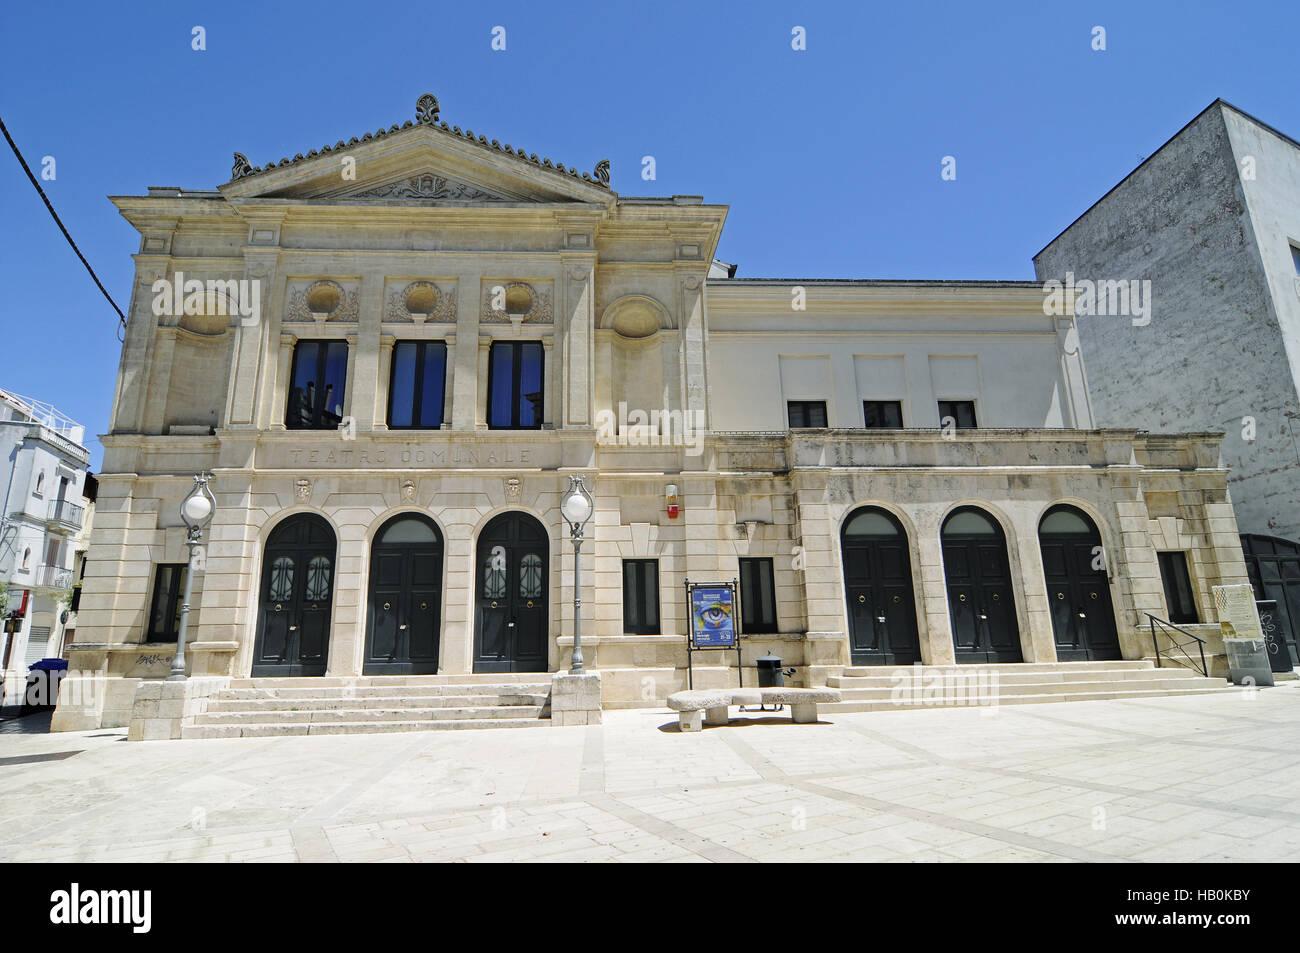 theatre, Gioia del Colle, Apulia, Italy Stock Photo